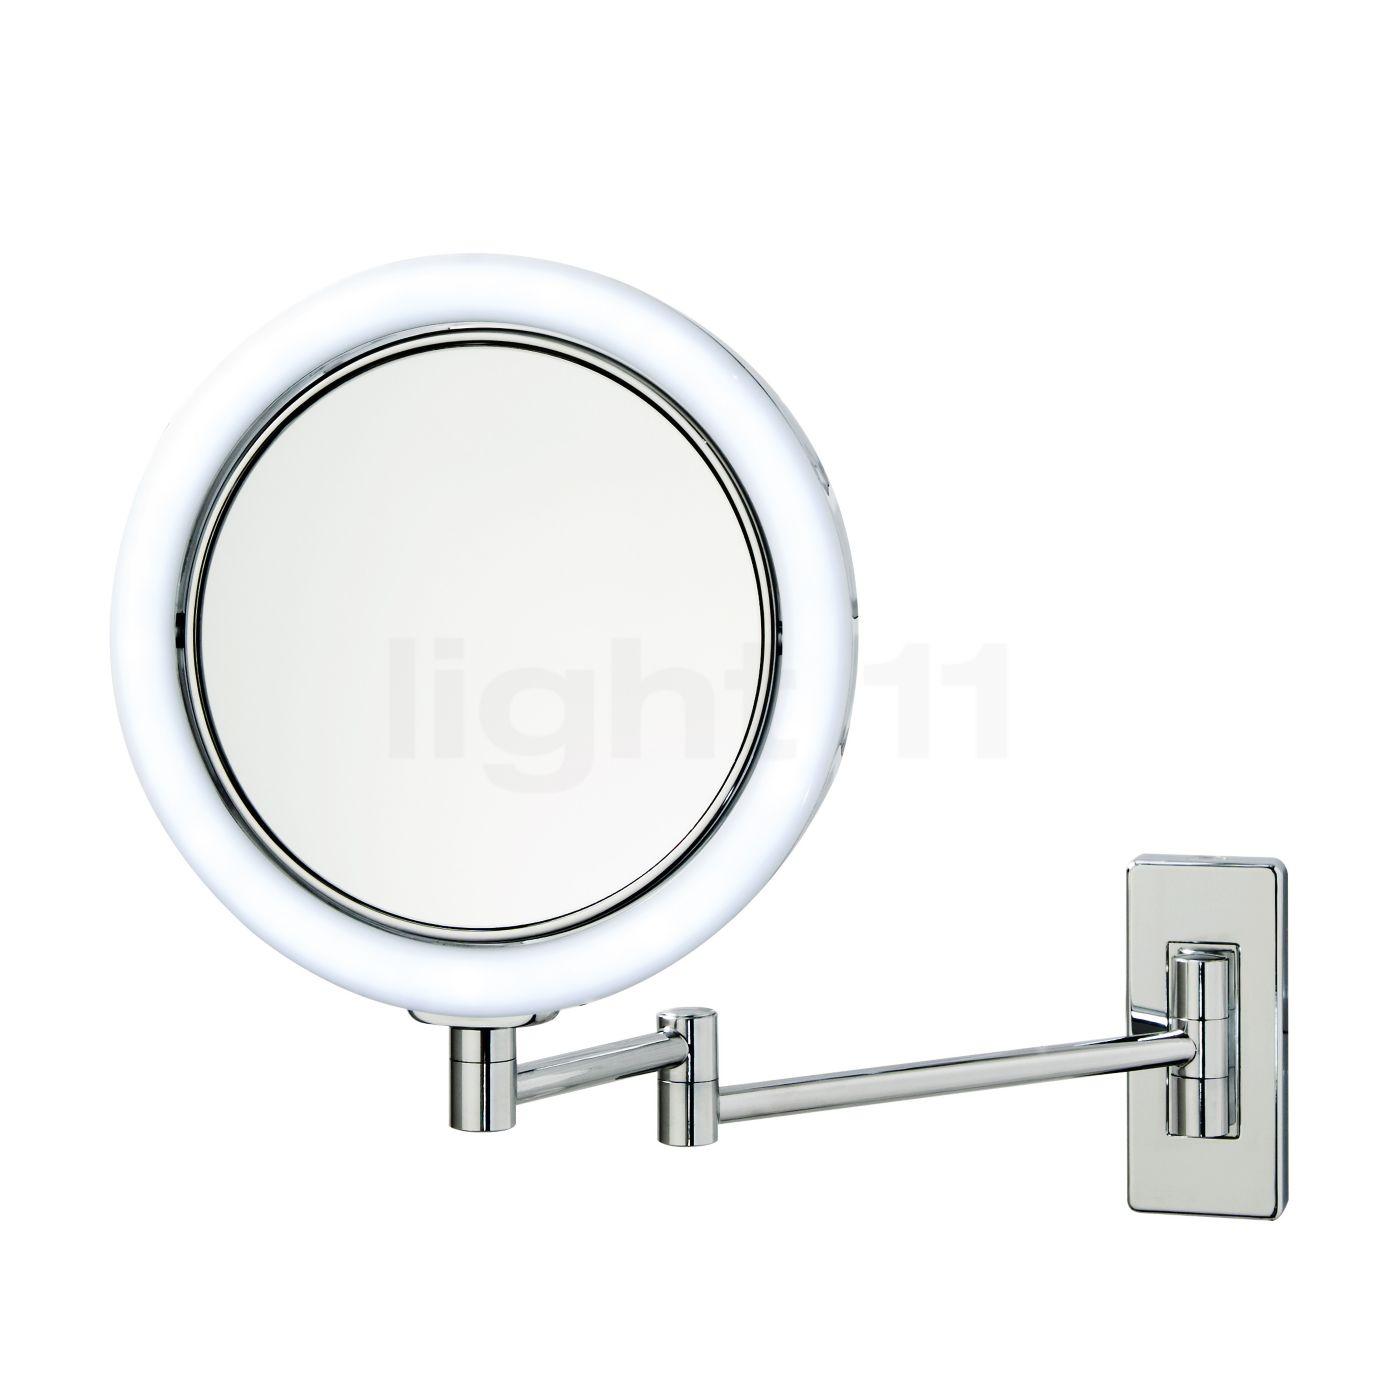 Specchio Per Trucco Da Parete.Decor Walther Bs 13 V Specchio Luminoso Da Parete Per Trucco Led